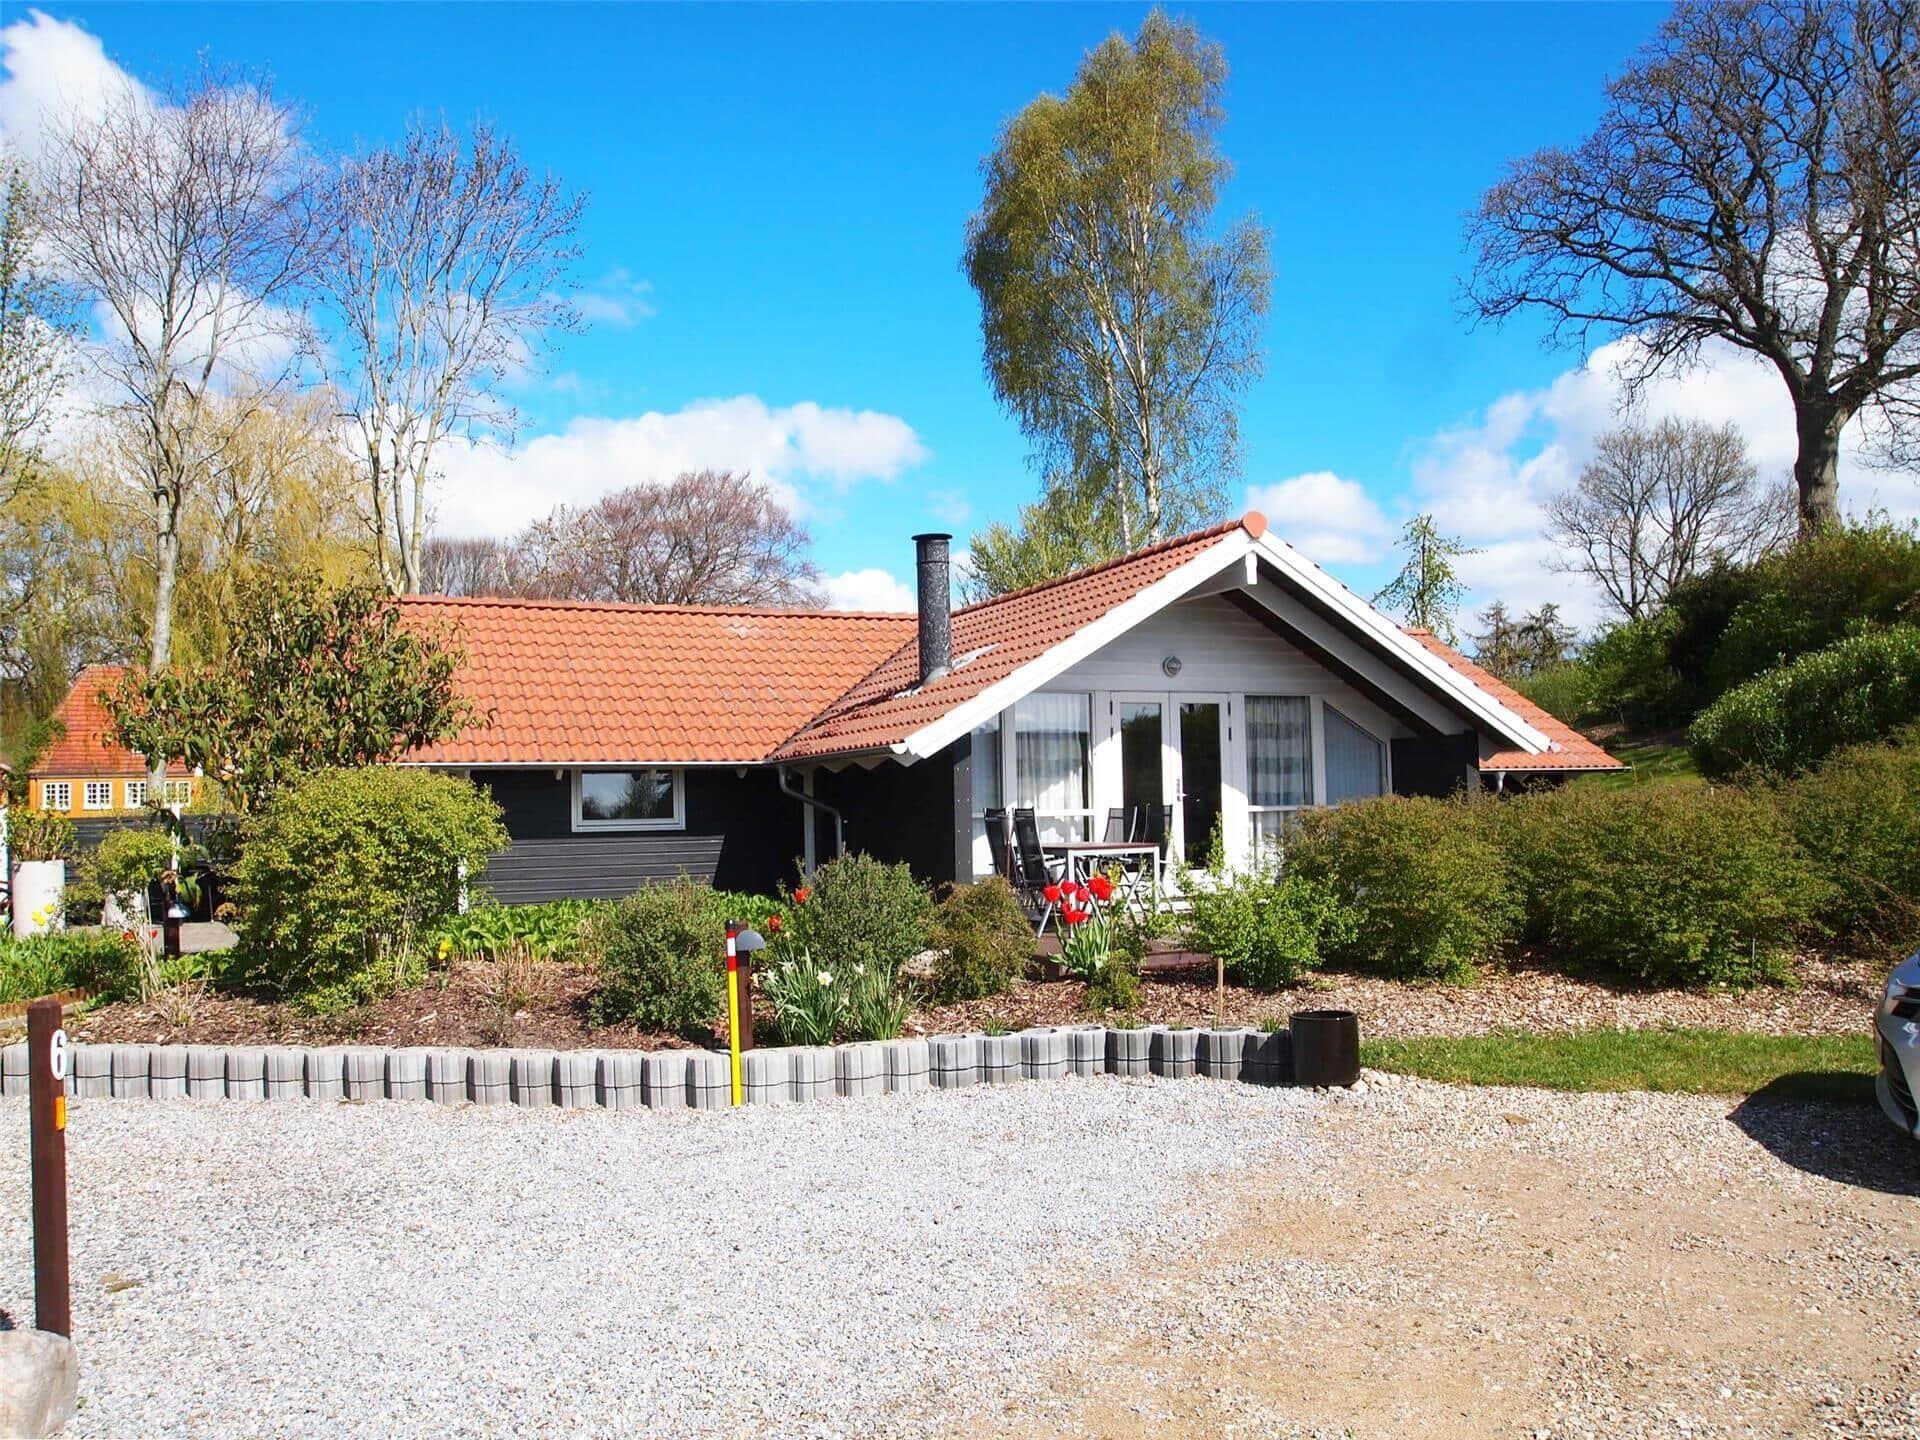 Image 1-3 Holiday-home F503517, Humlevænget 6, DK - 6094 Hejls